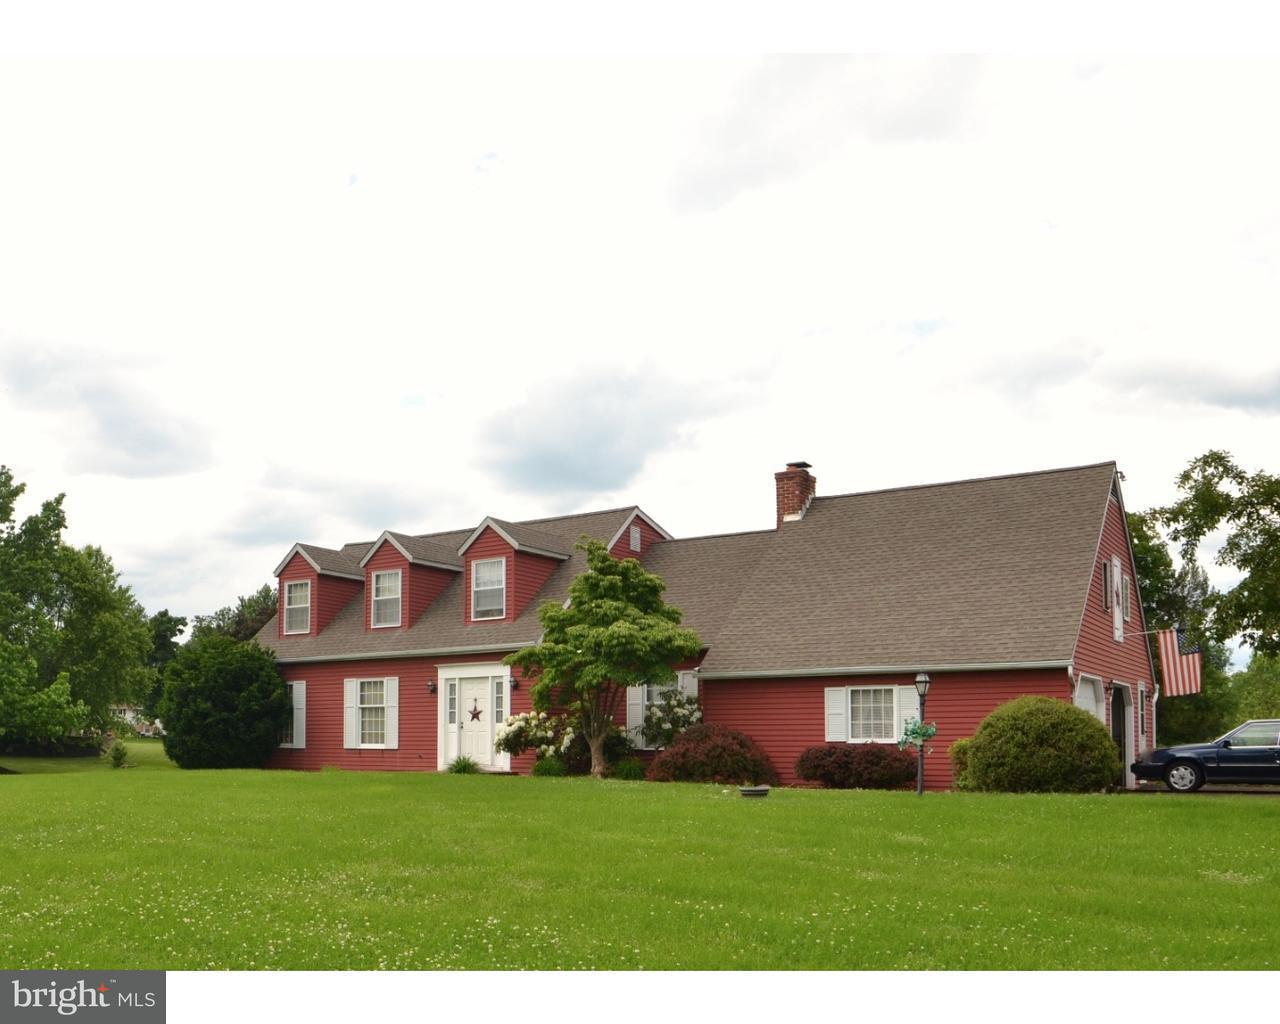 Maison unifamiliale pour l Vente à 723 GODSHALL Road Telford, Pennsylvanie 18969 États-Unis